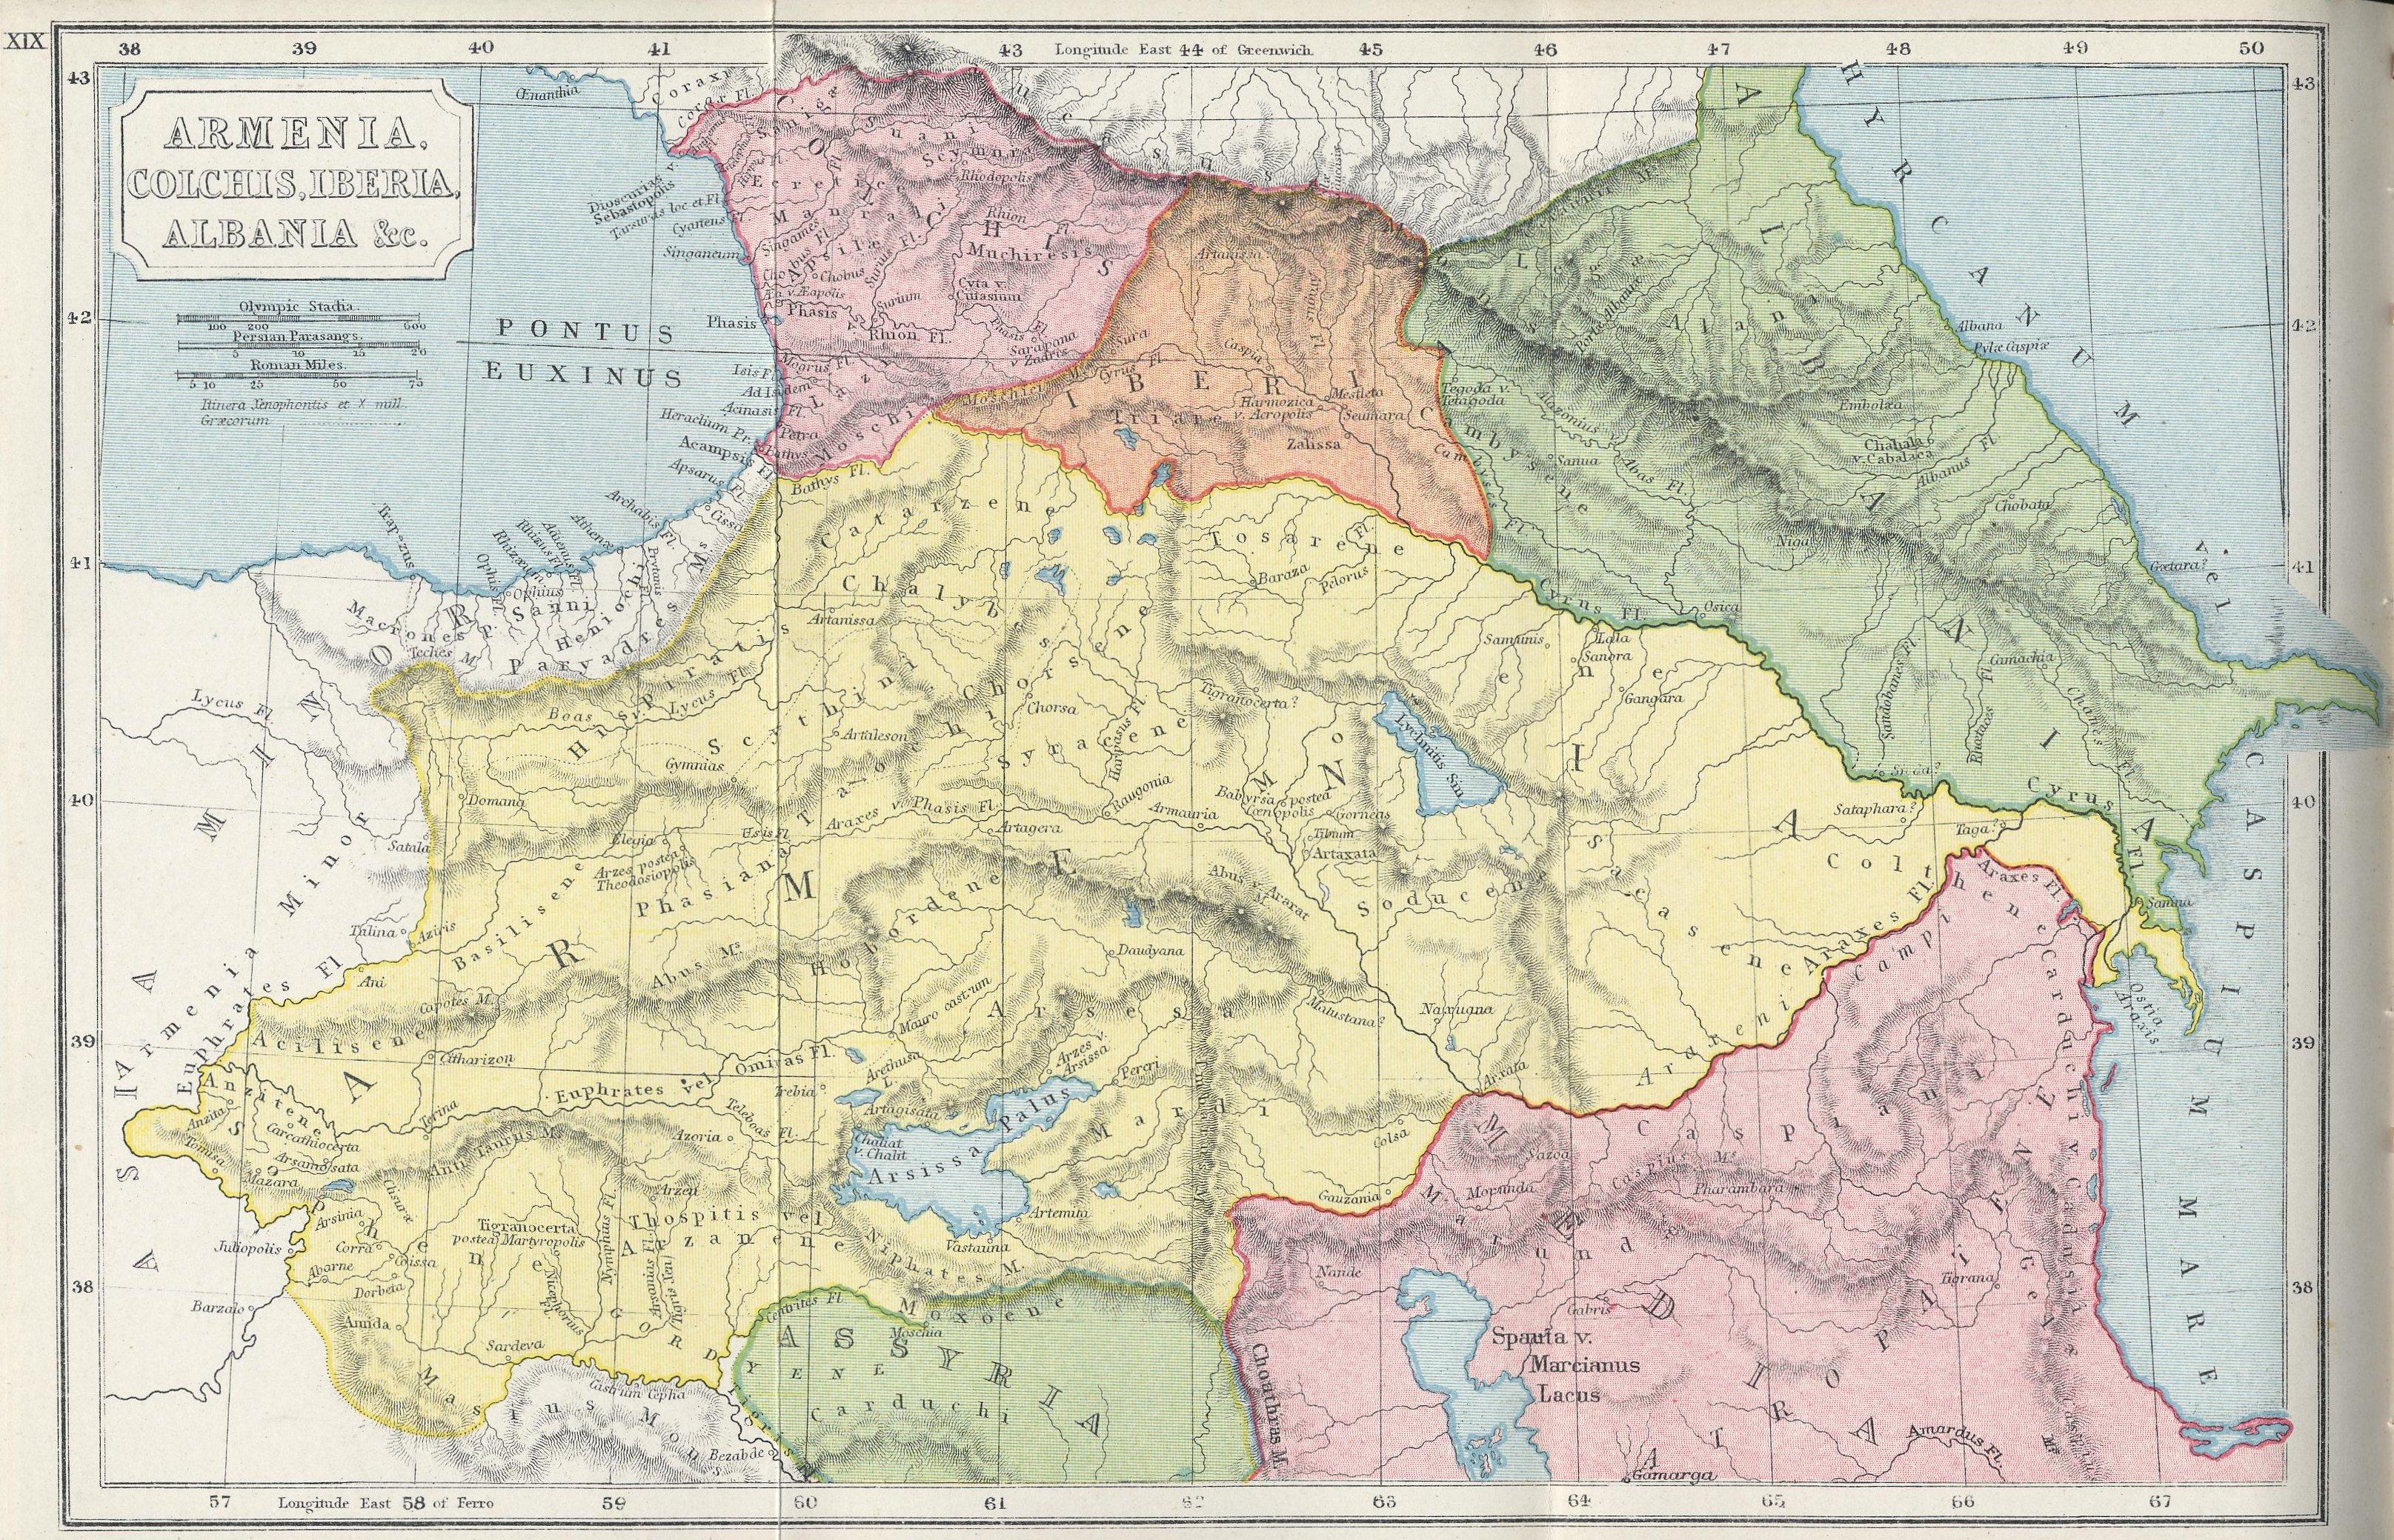 Карта Армения, Колхида, Иберия, Албания из Атласа античной и классической географии С. Батлера (1907 г.)